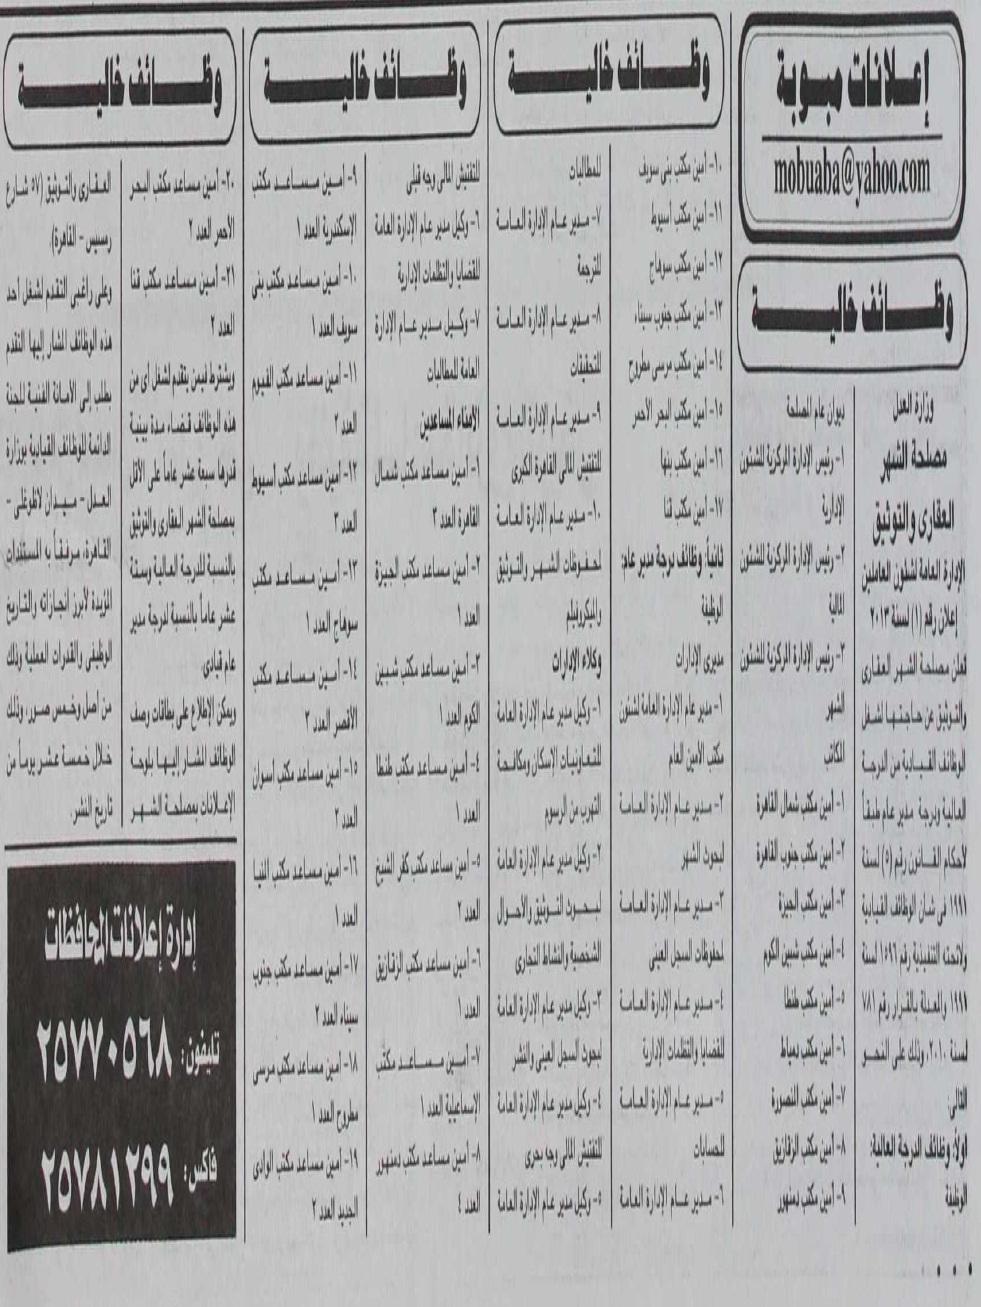 وظائف مصر : وظائف خالية في مصر بمصلحة الشهر العقاري و التوثيق 2013